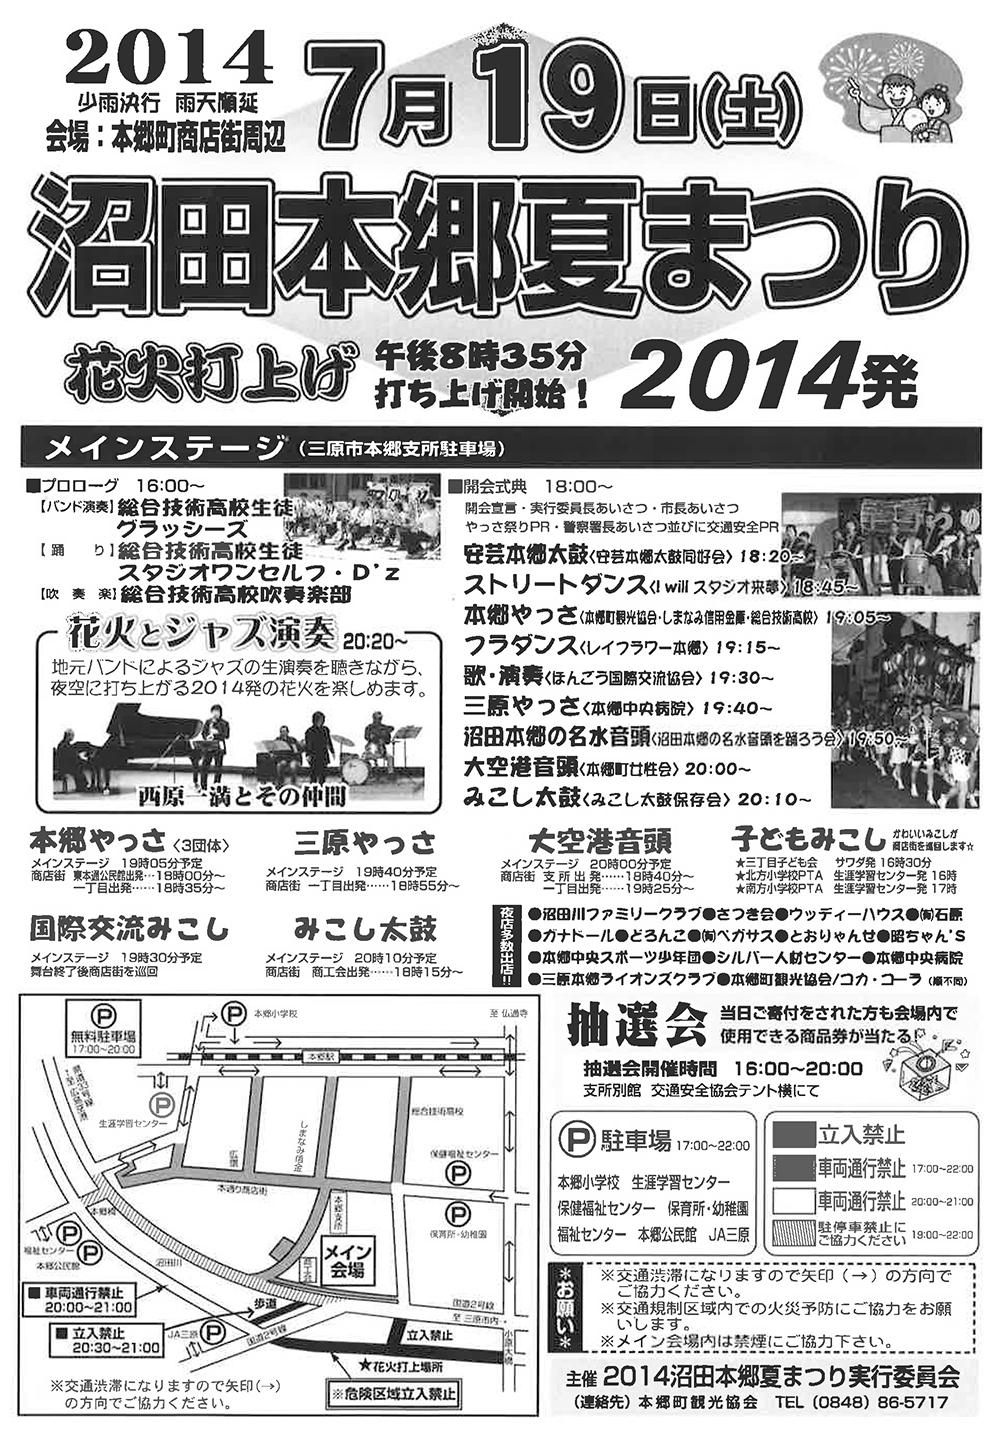 今年の沼田本郷夏まつりイベント情報